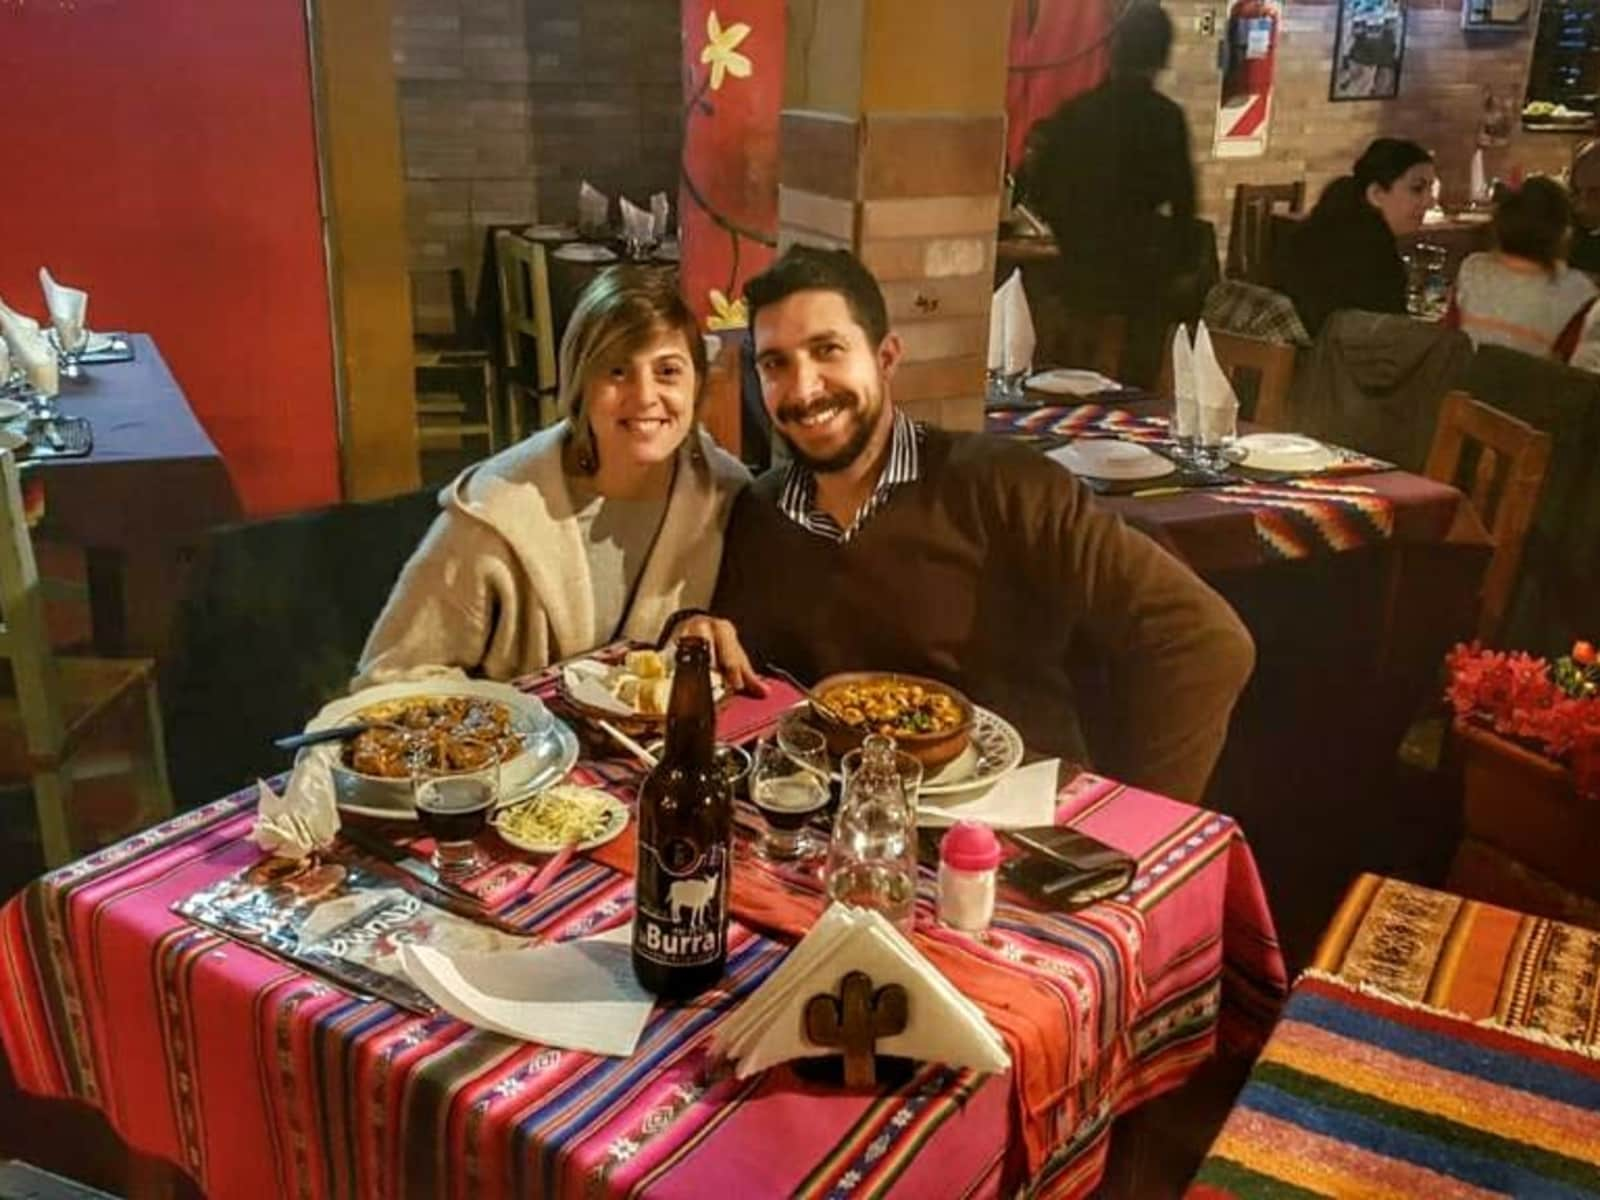 Germán ignacio & María belén from Morón, Argentina